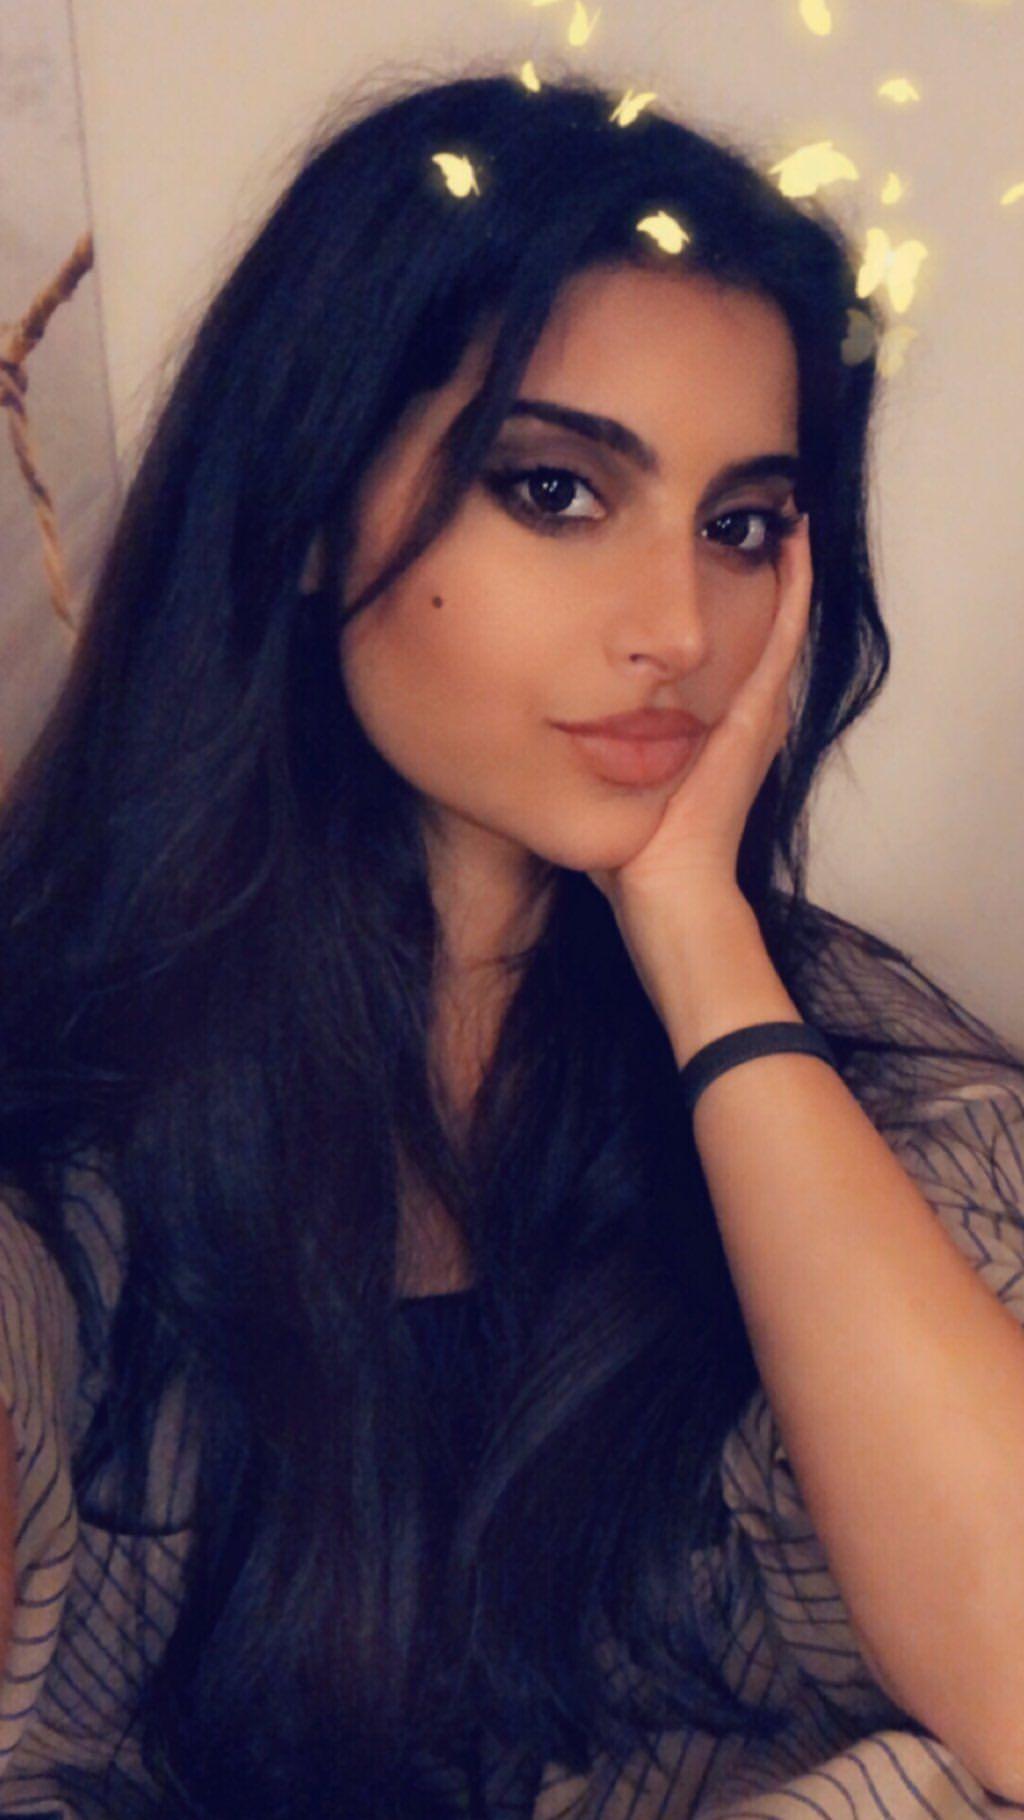 جمالهم مش على حد , اجمل العرب